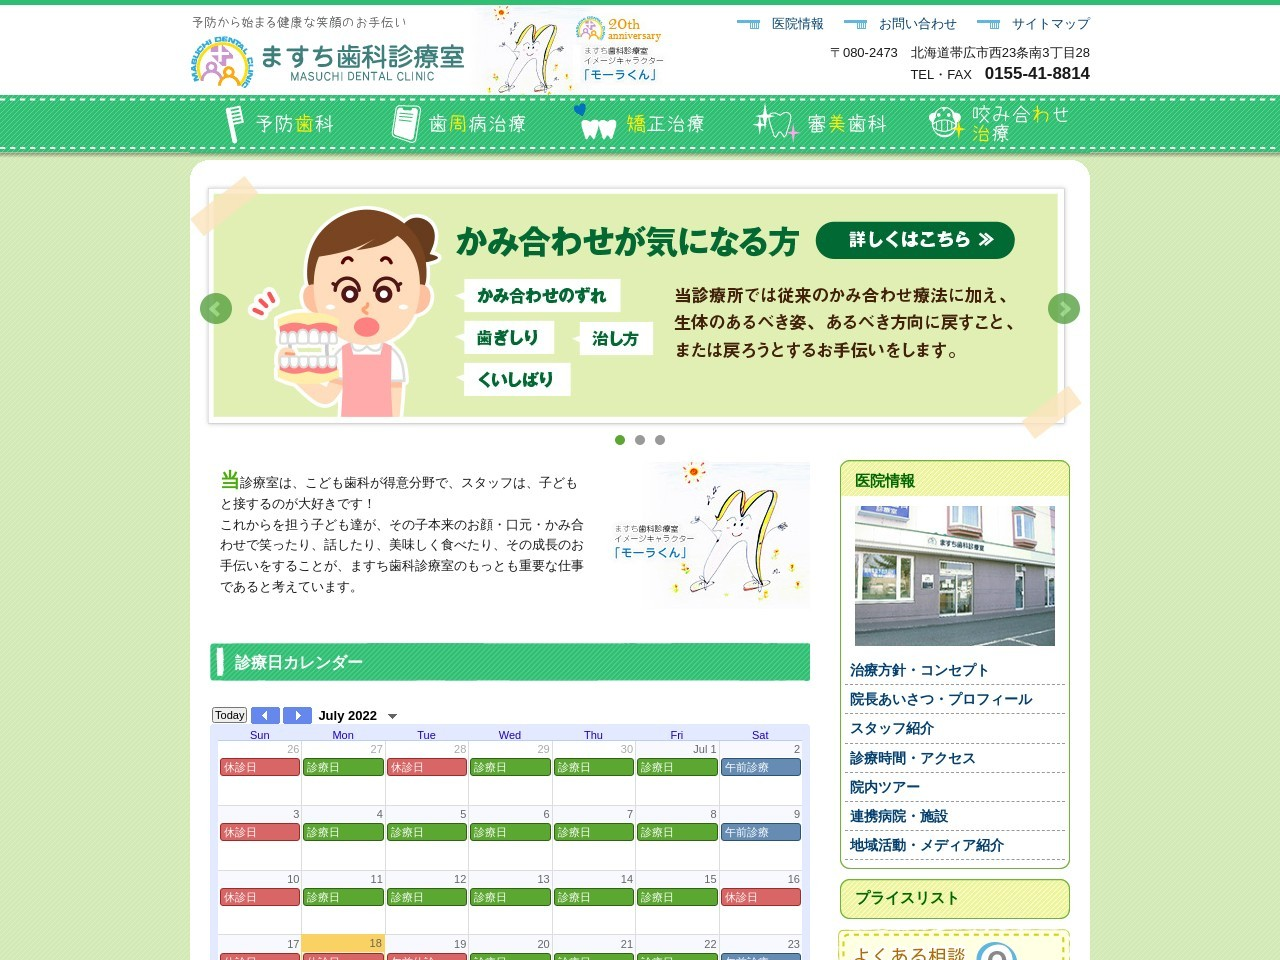 ますち歯科診療室 (北海道帯広市)